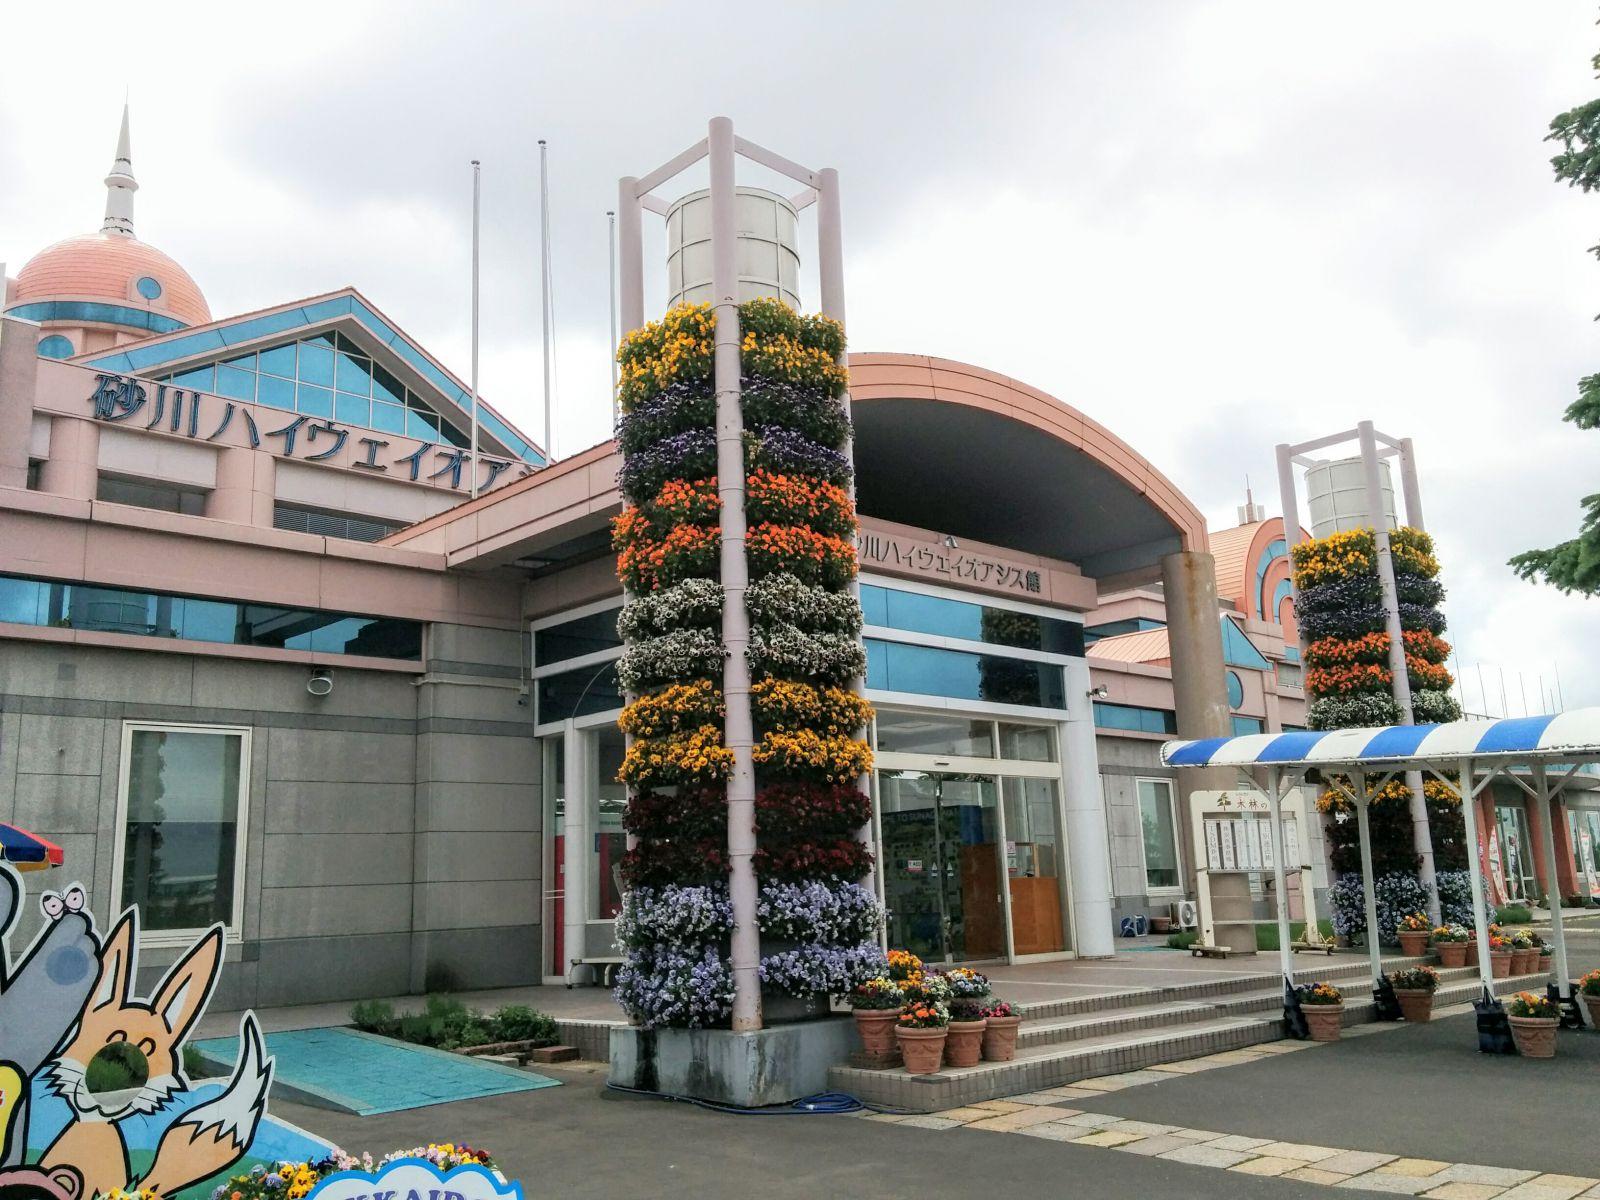 【砂川市】砂川ハイウェイオアシス観光タクシー